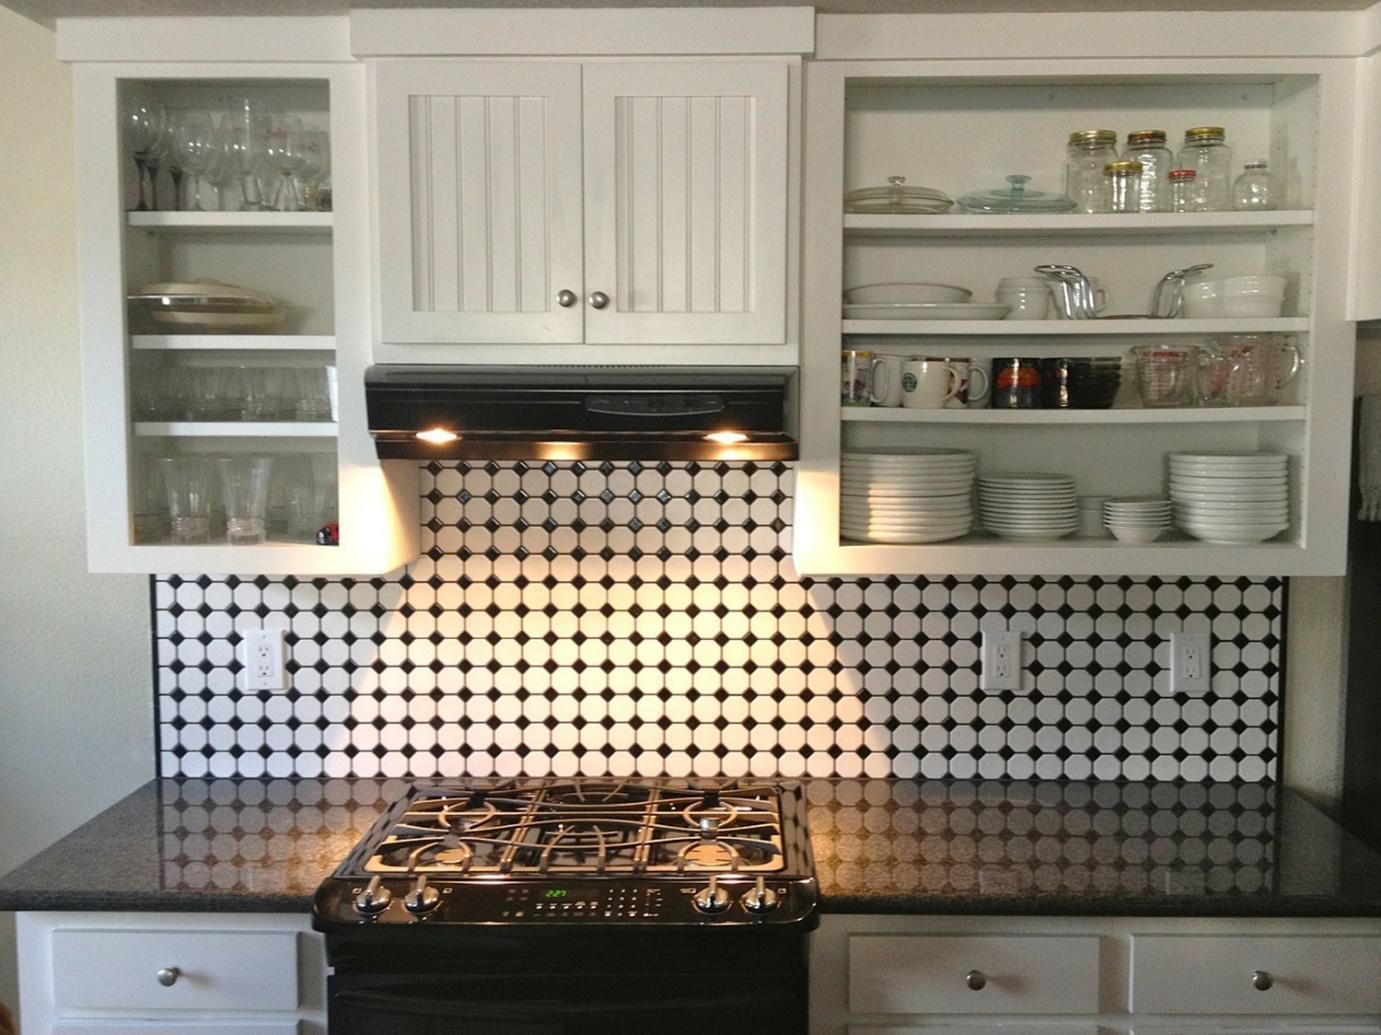 5 Cara Menata Dapur Sempit Sederhana agar Terasa Nyaman